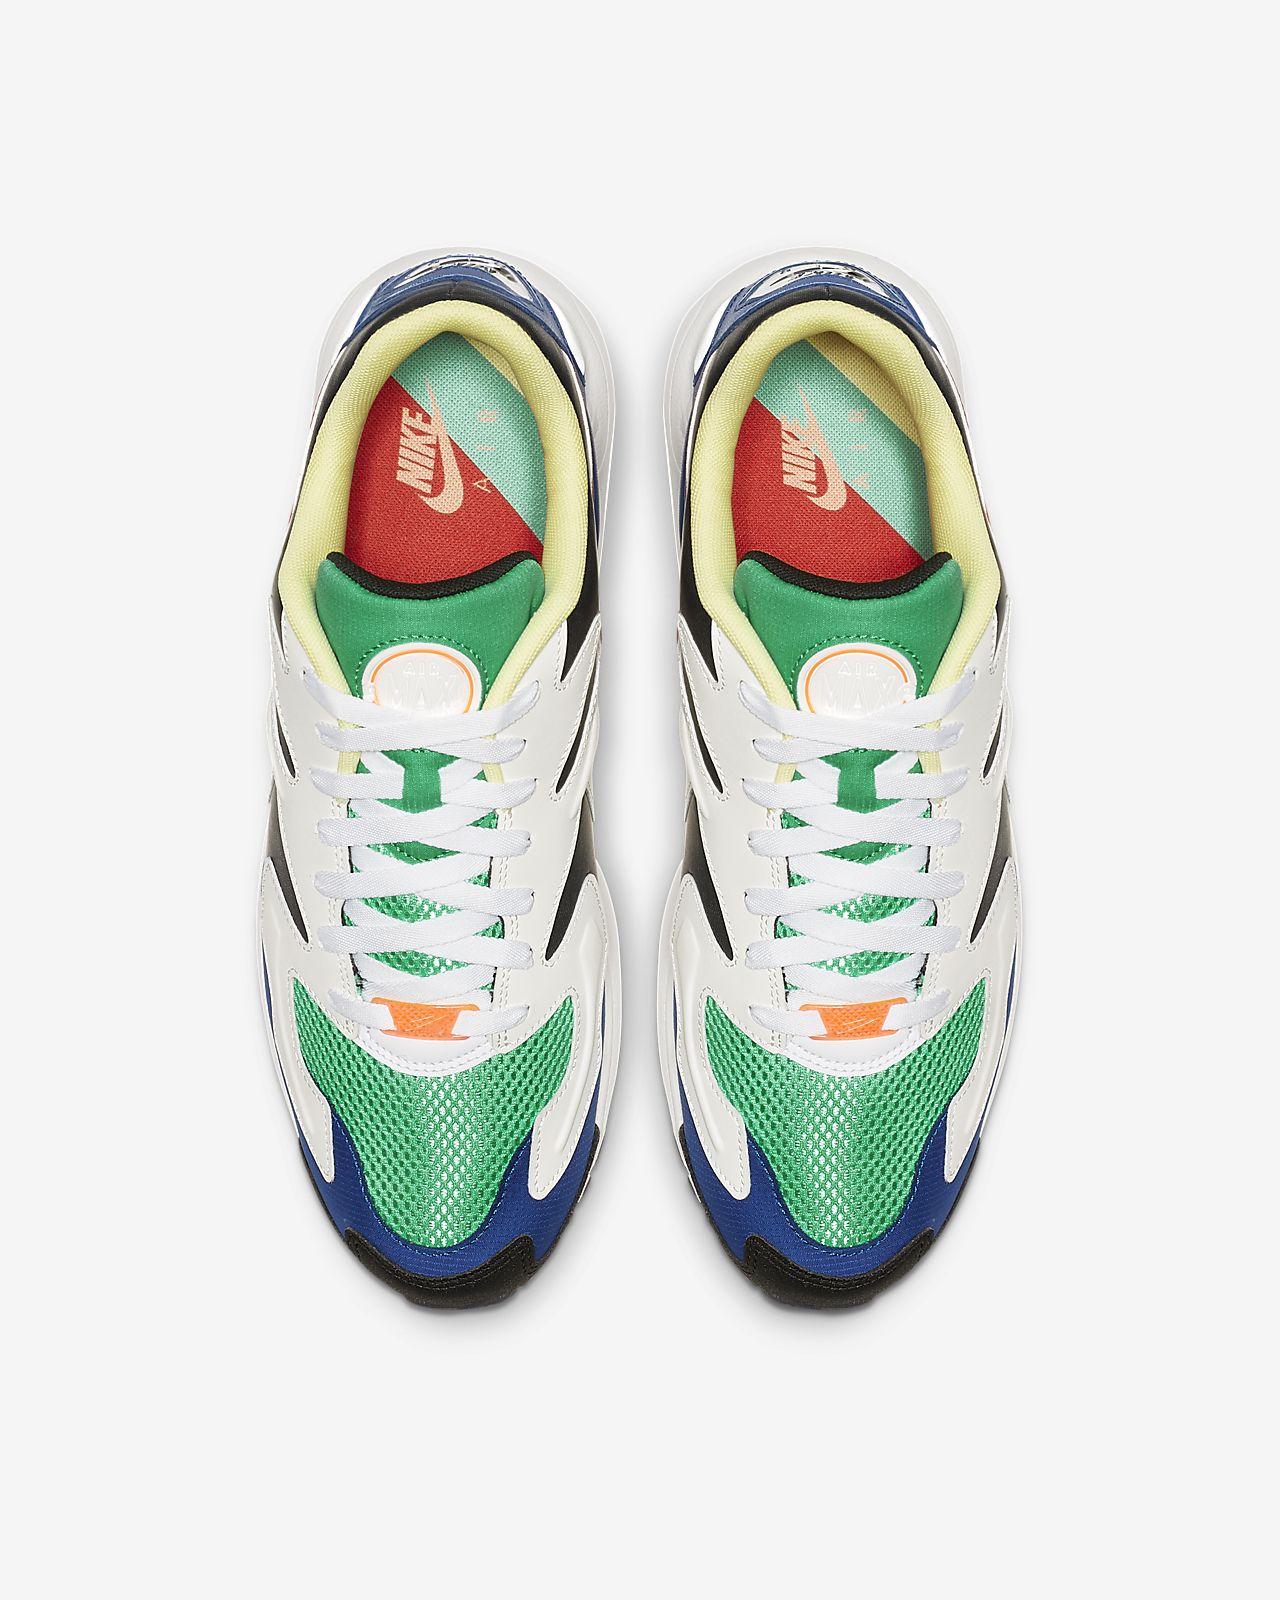 Nike Air Max 2 Light Svart Vit 40 46